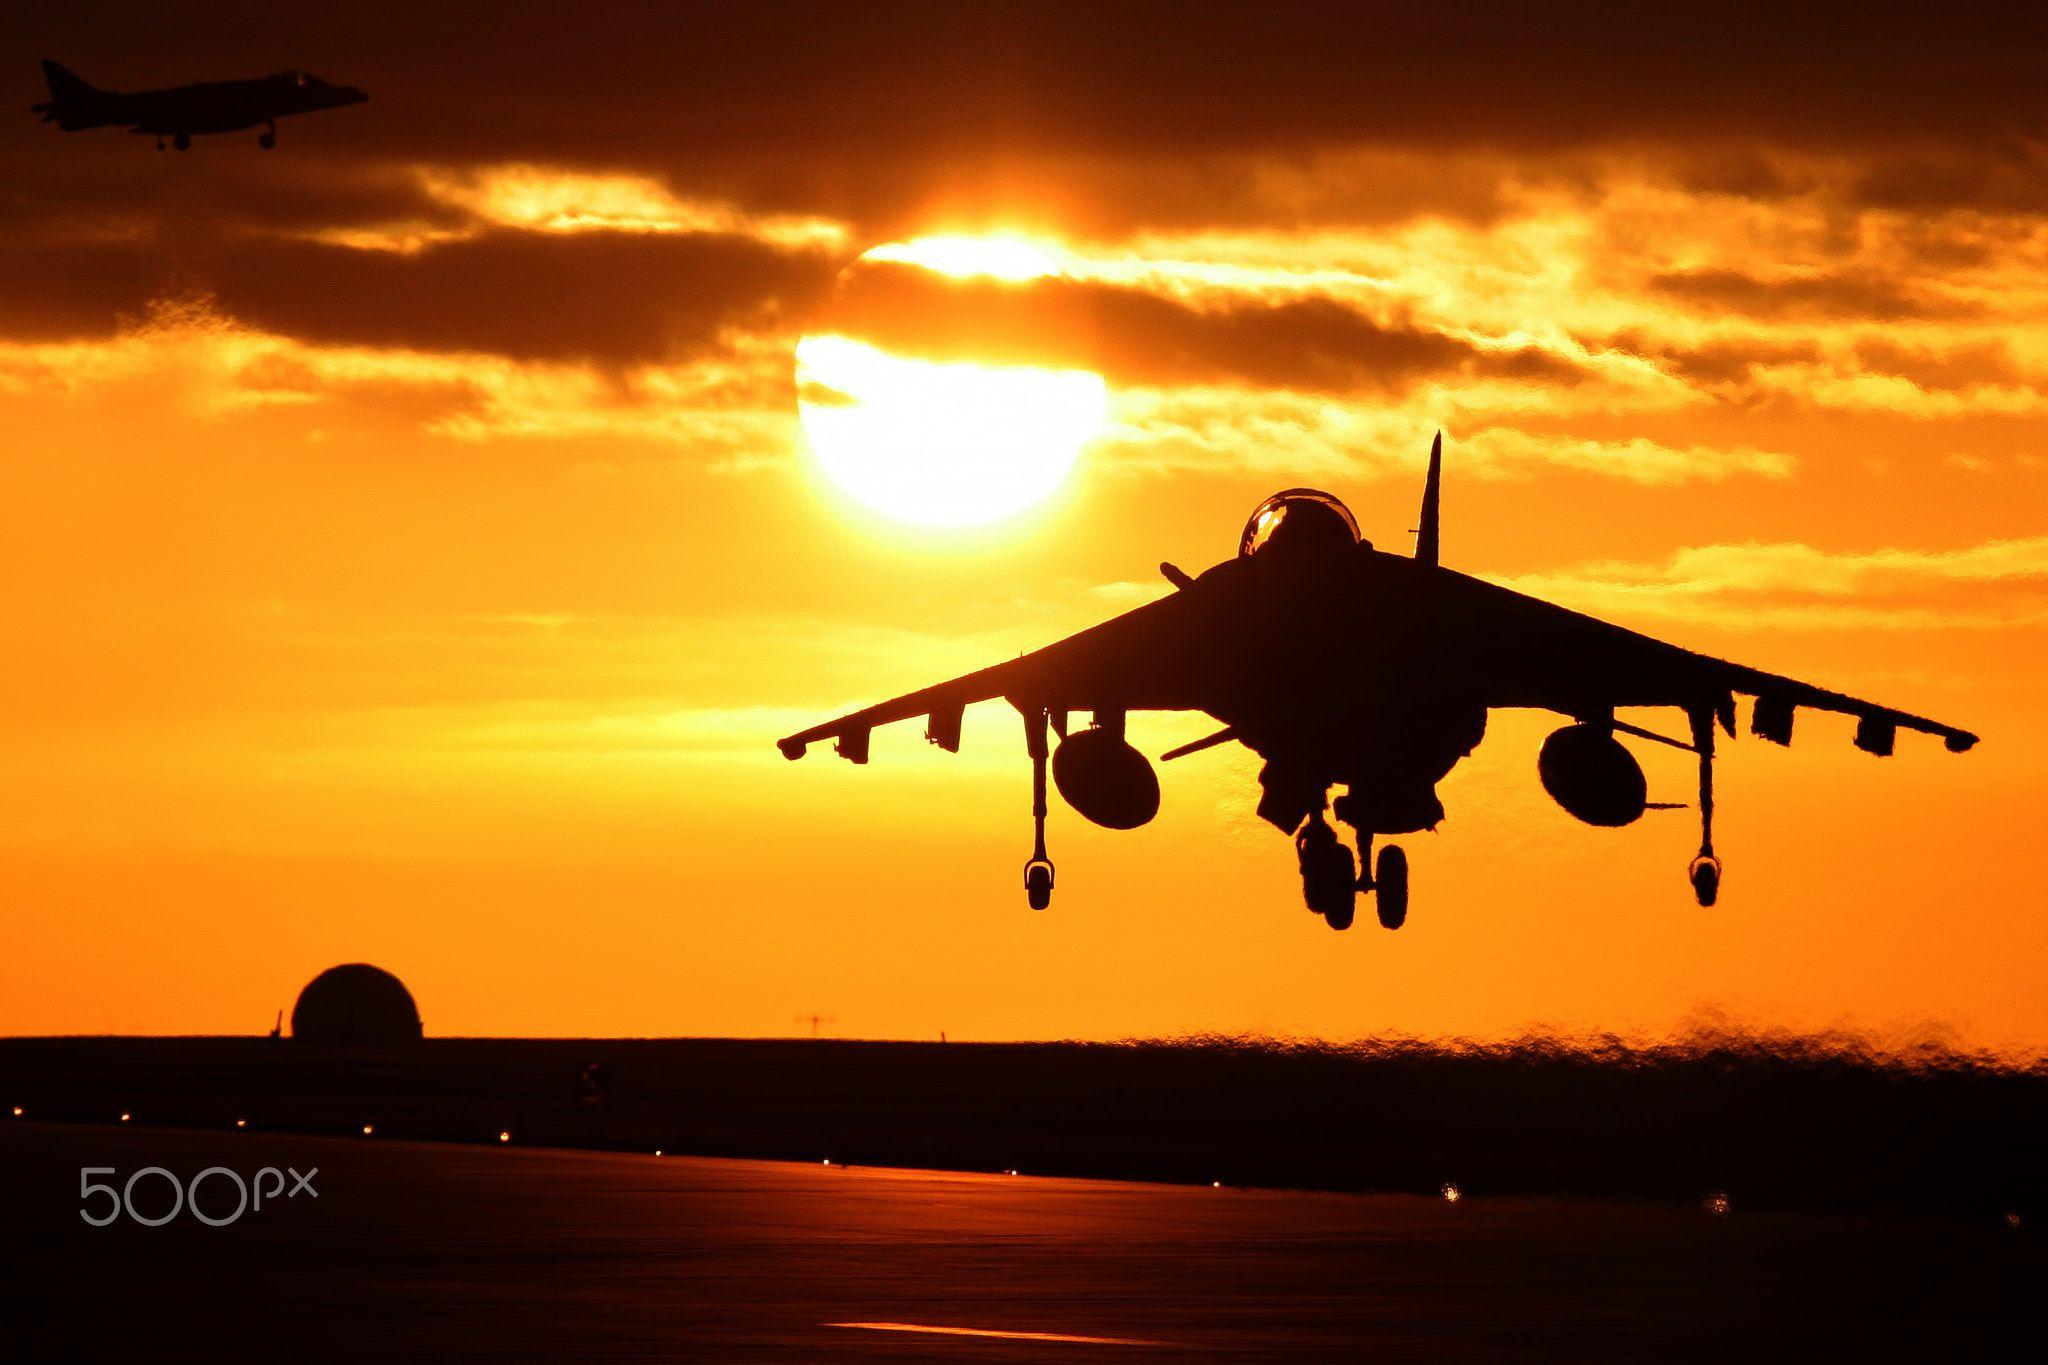 Pin by lambert van sittert on Aircraft Harrier, British